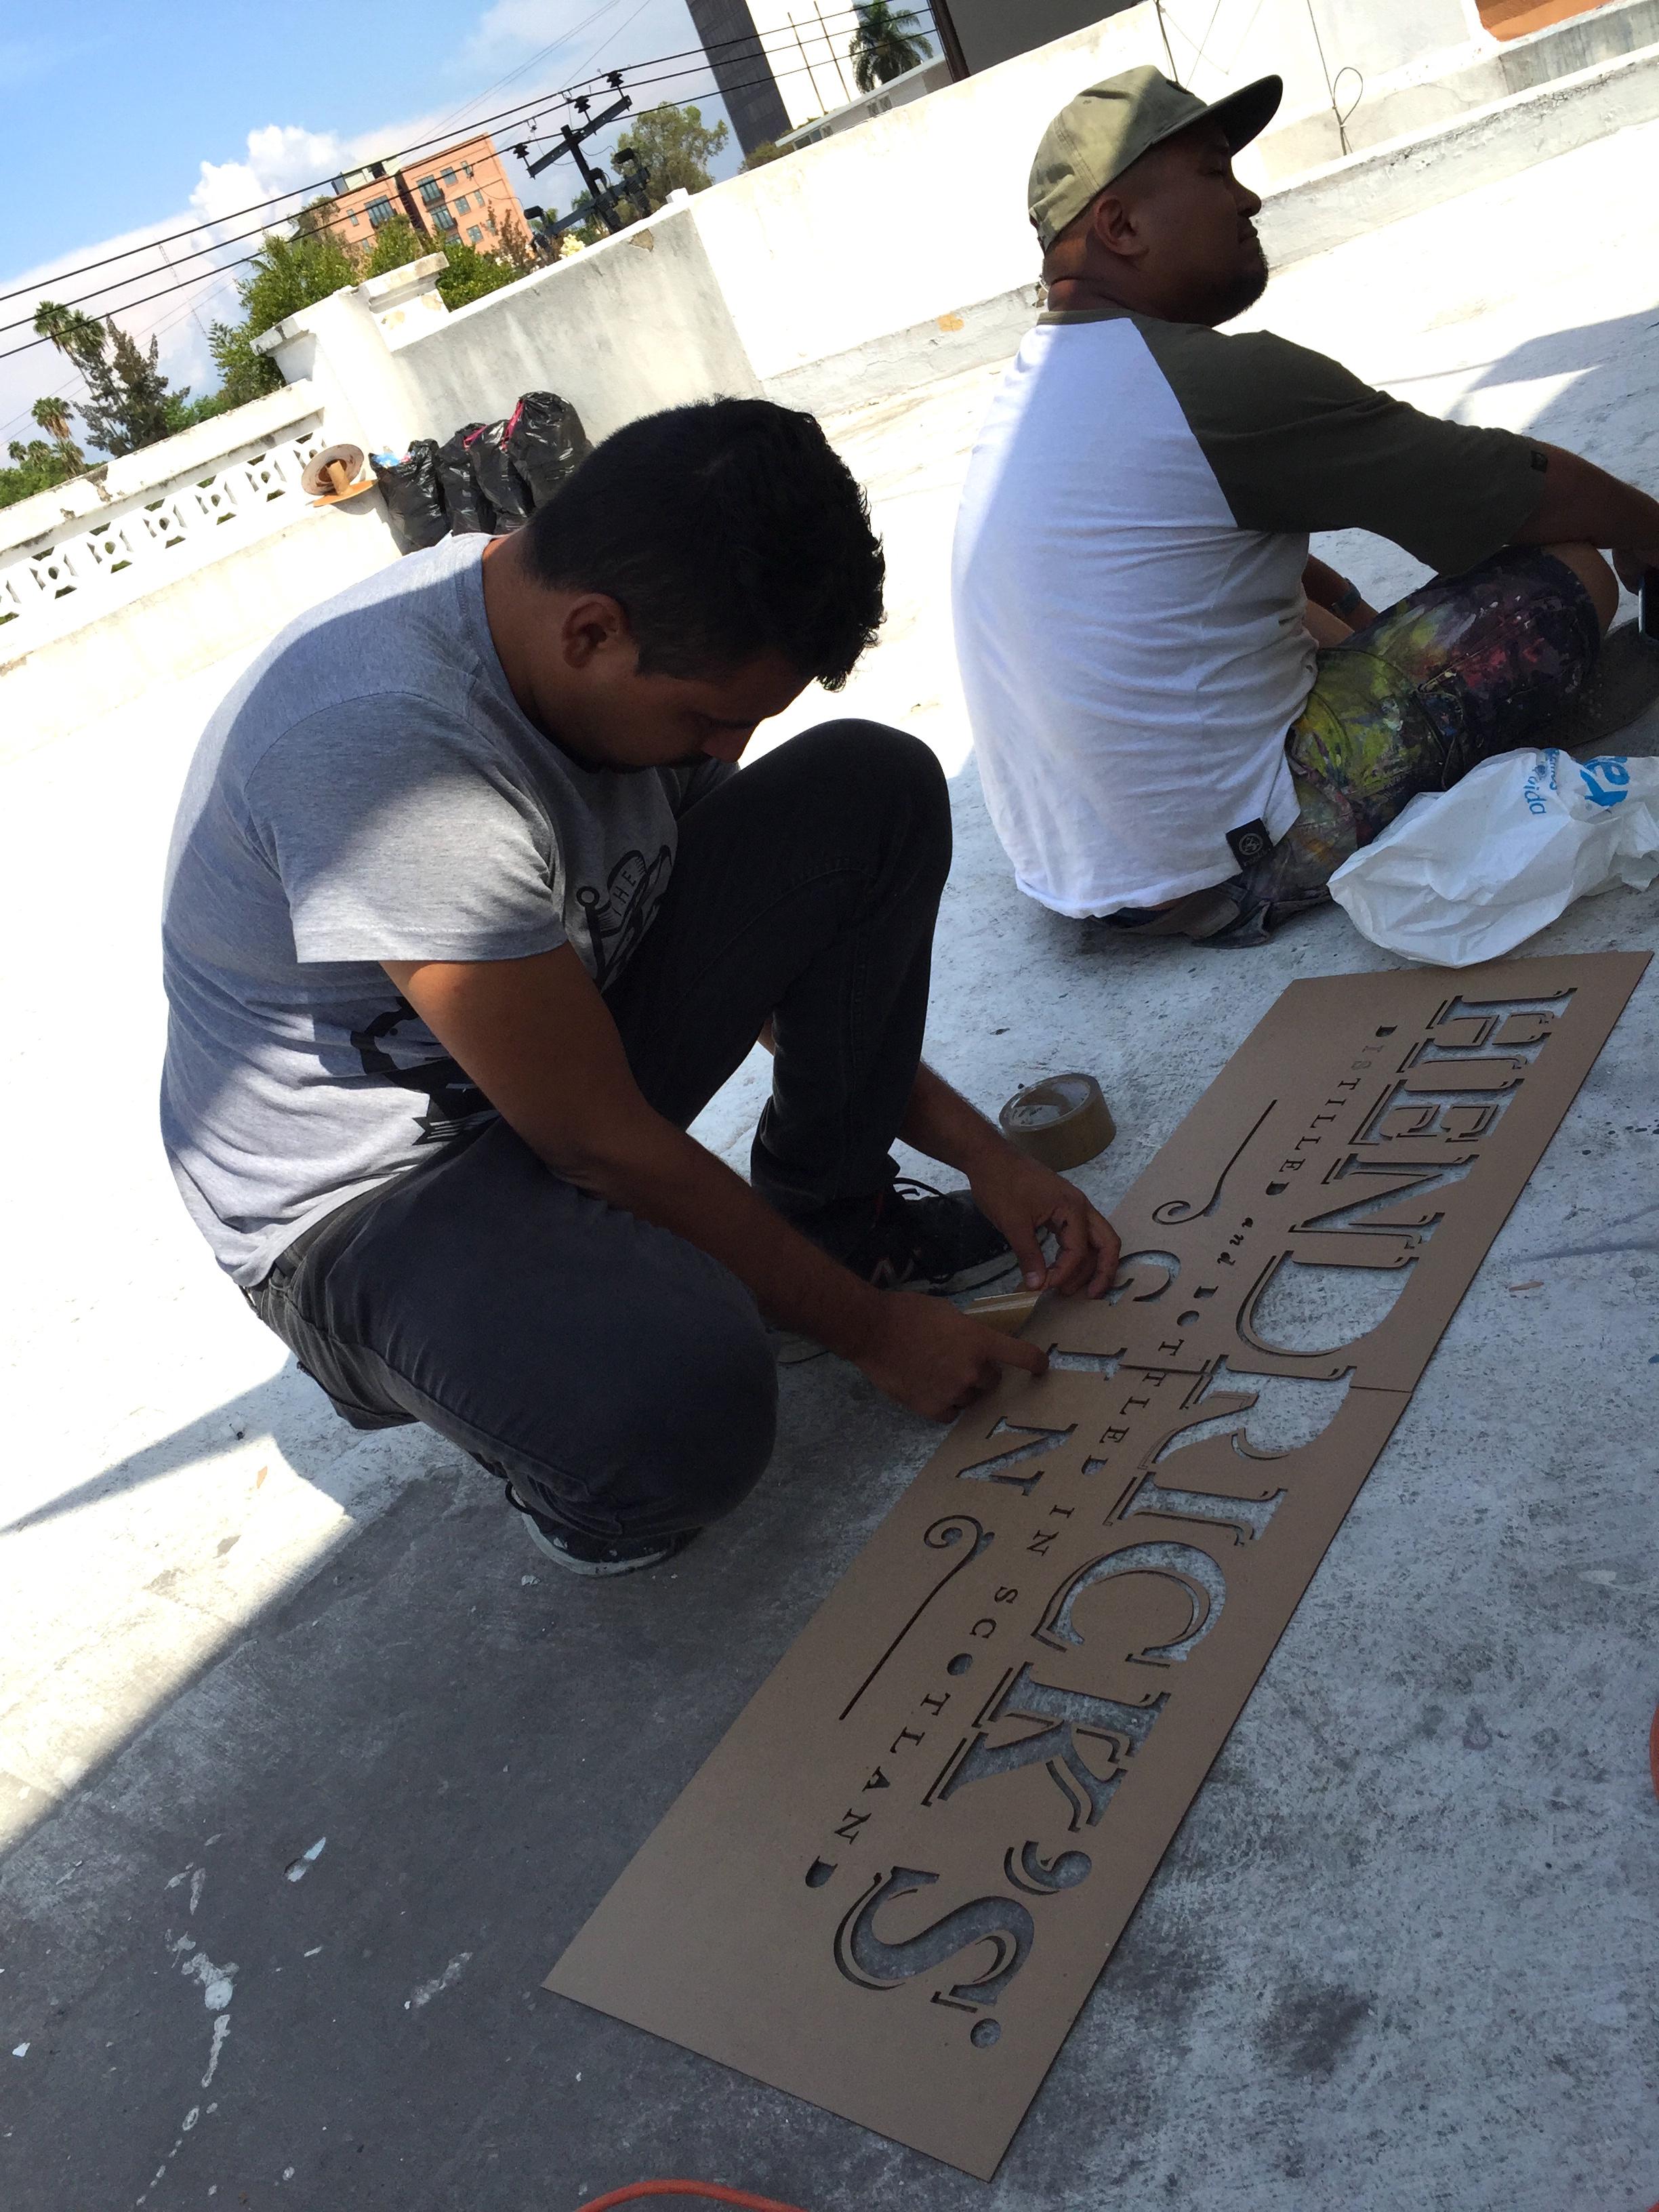 VRS Crew mural art execution in Guadalajara